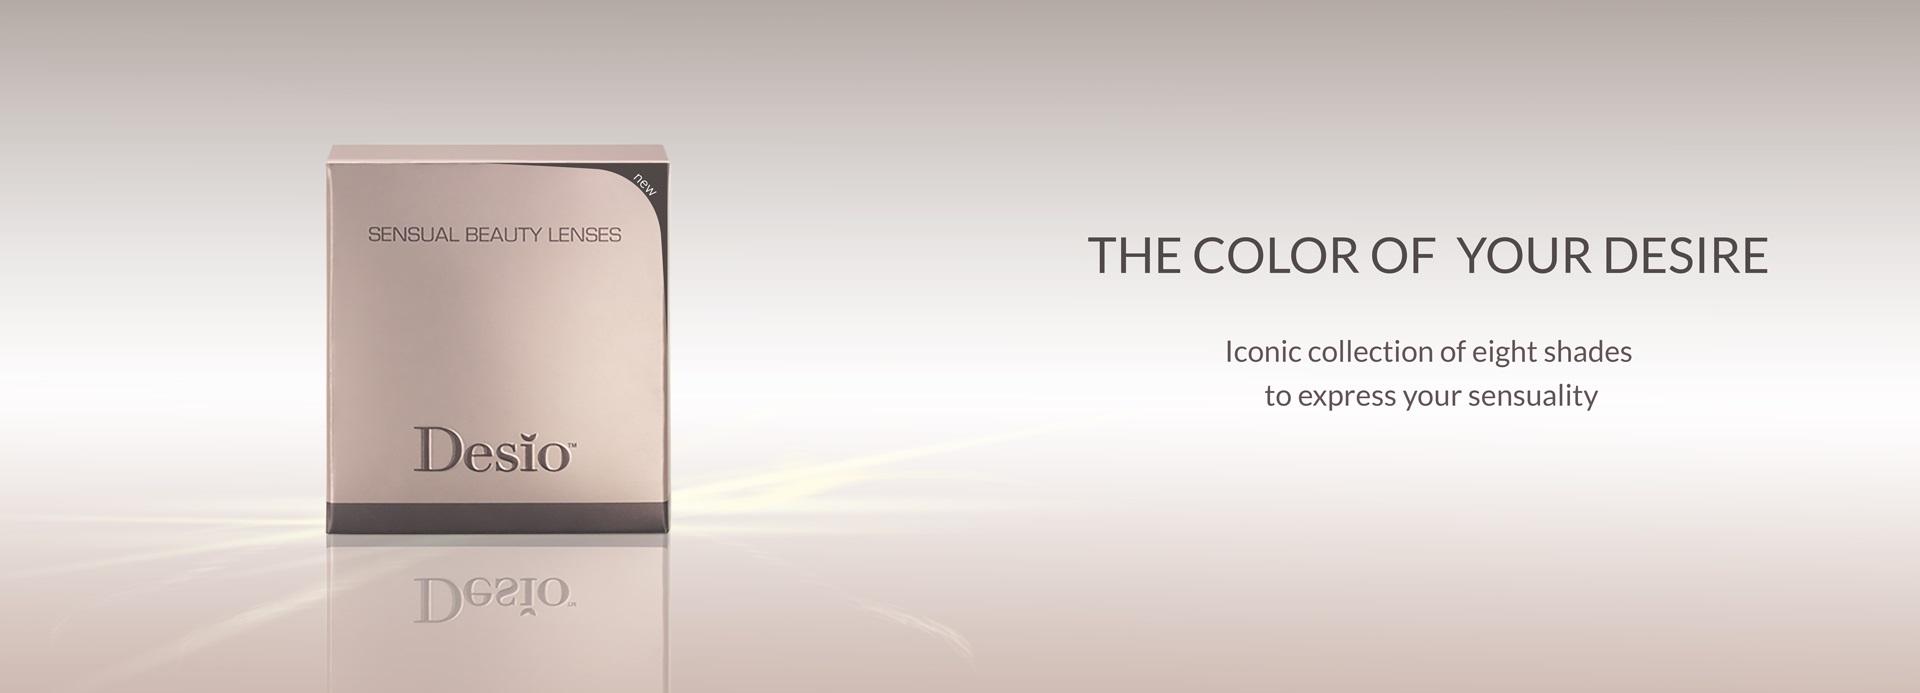 کلکسیون لنزهای رنگی سنشوال بیوتی از برند دسیو